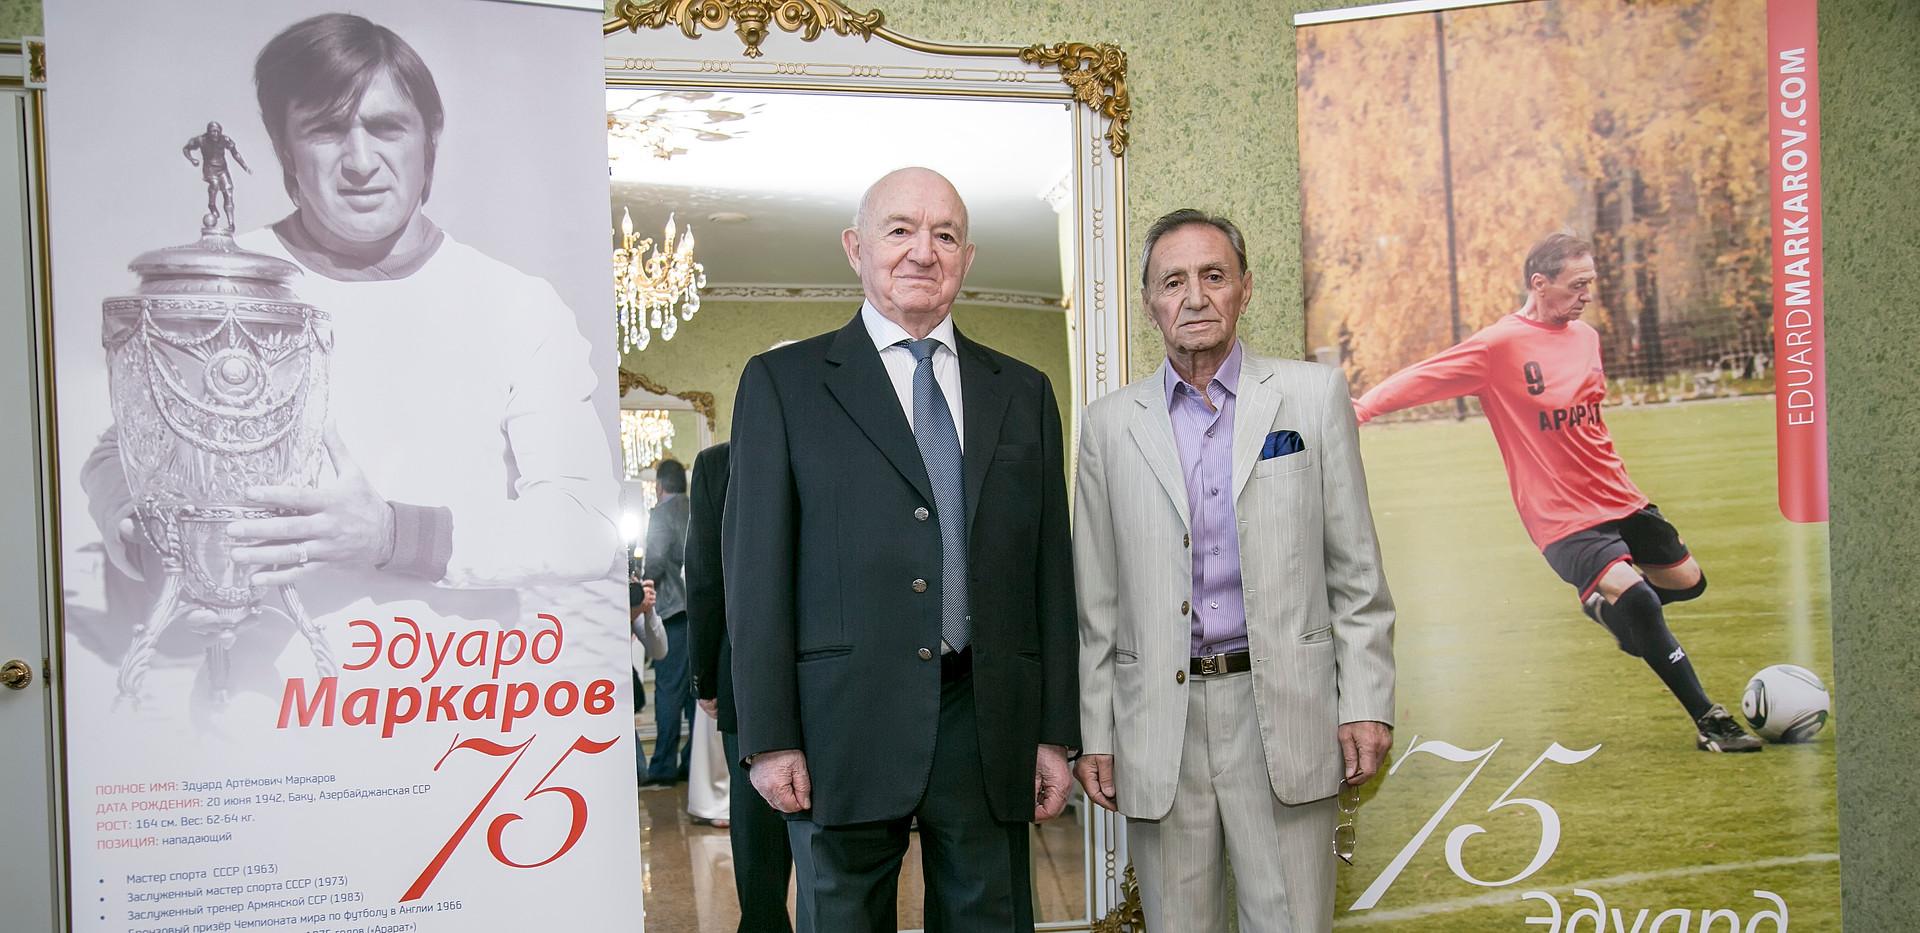 Markarov_75_Ubiley-9.JPG